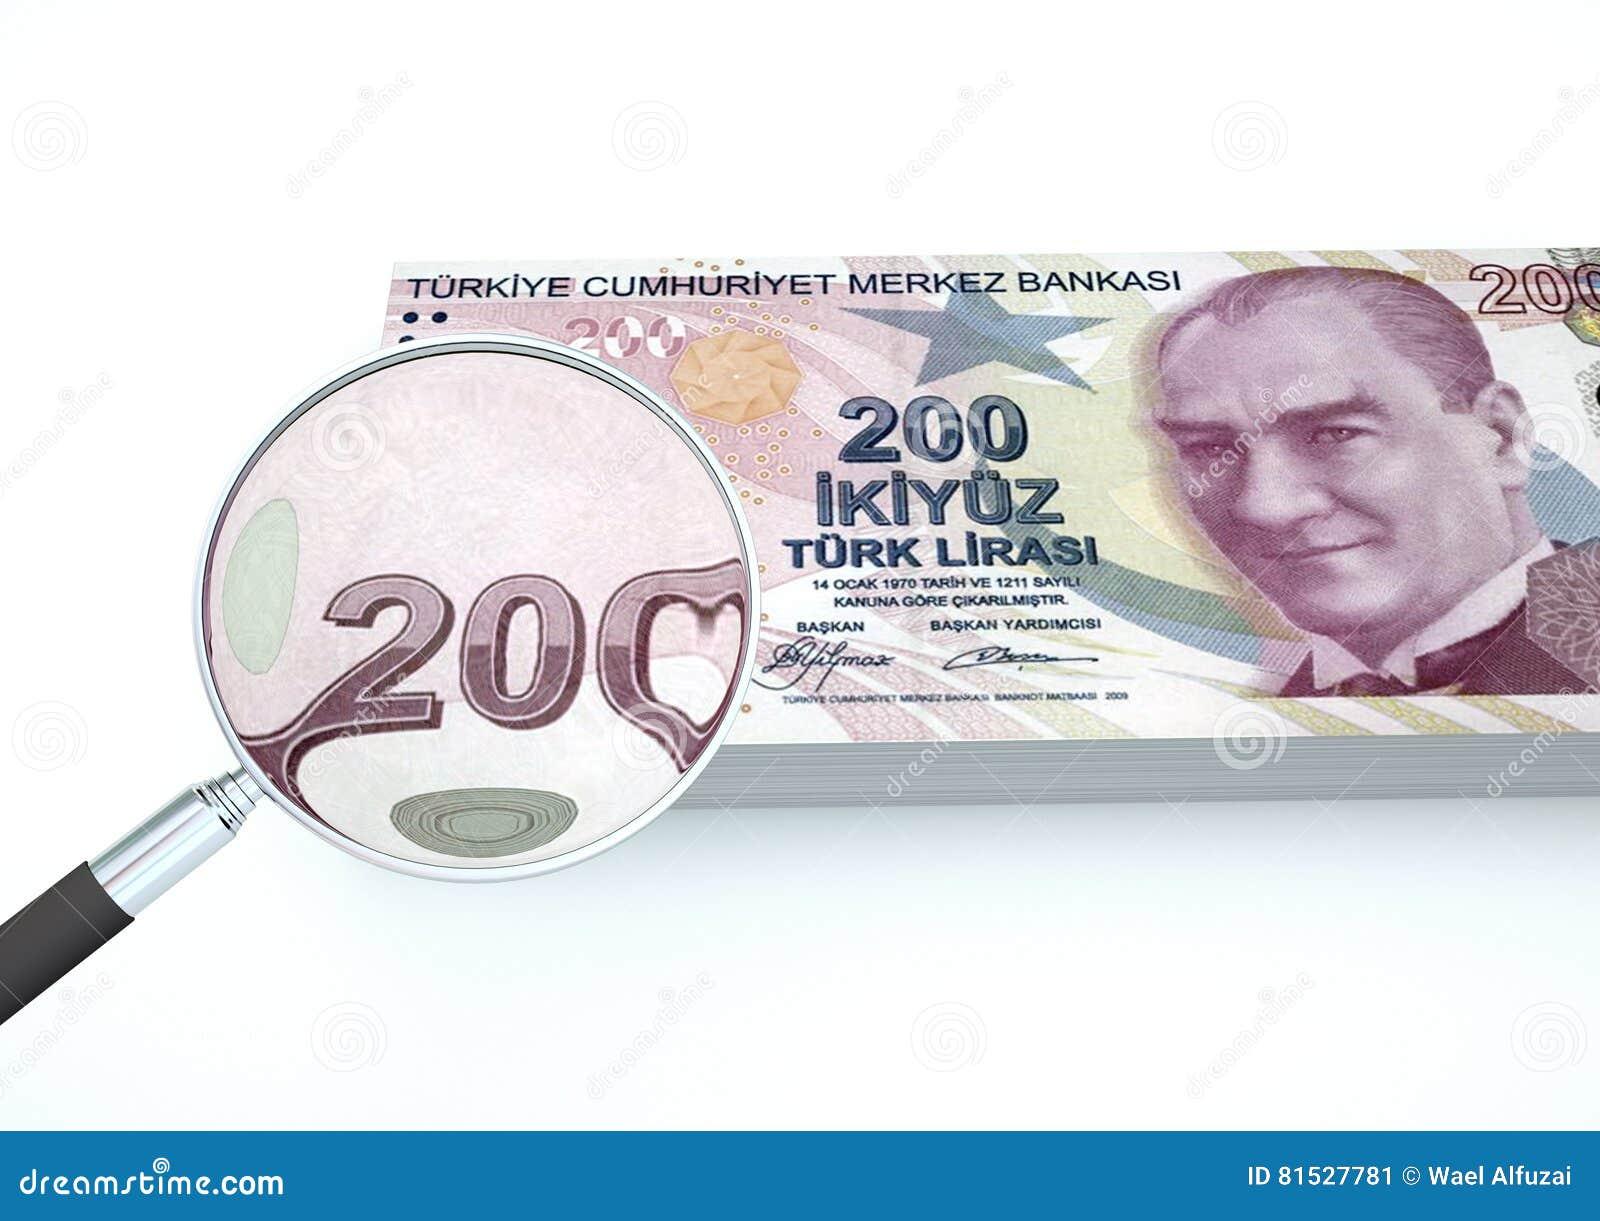 3D übertragenes die Türkei-Geld mit dem Vergrößerungsglas forschen Währung lokalisiert auf weißem Hintergrund nach